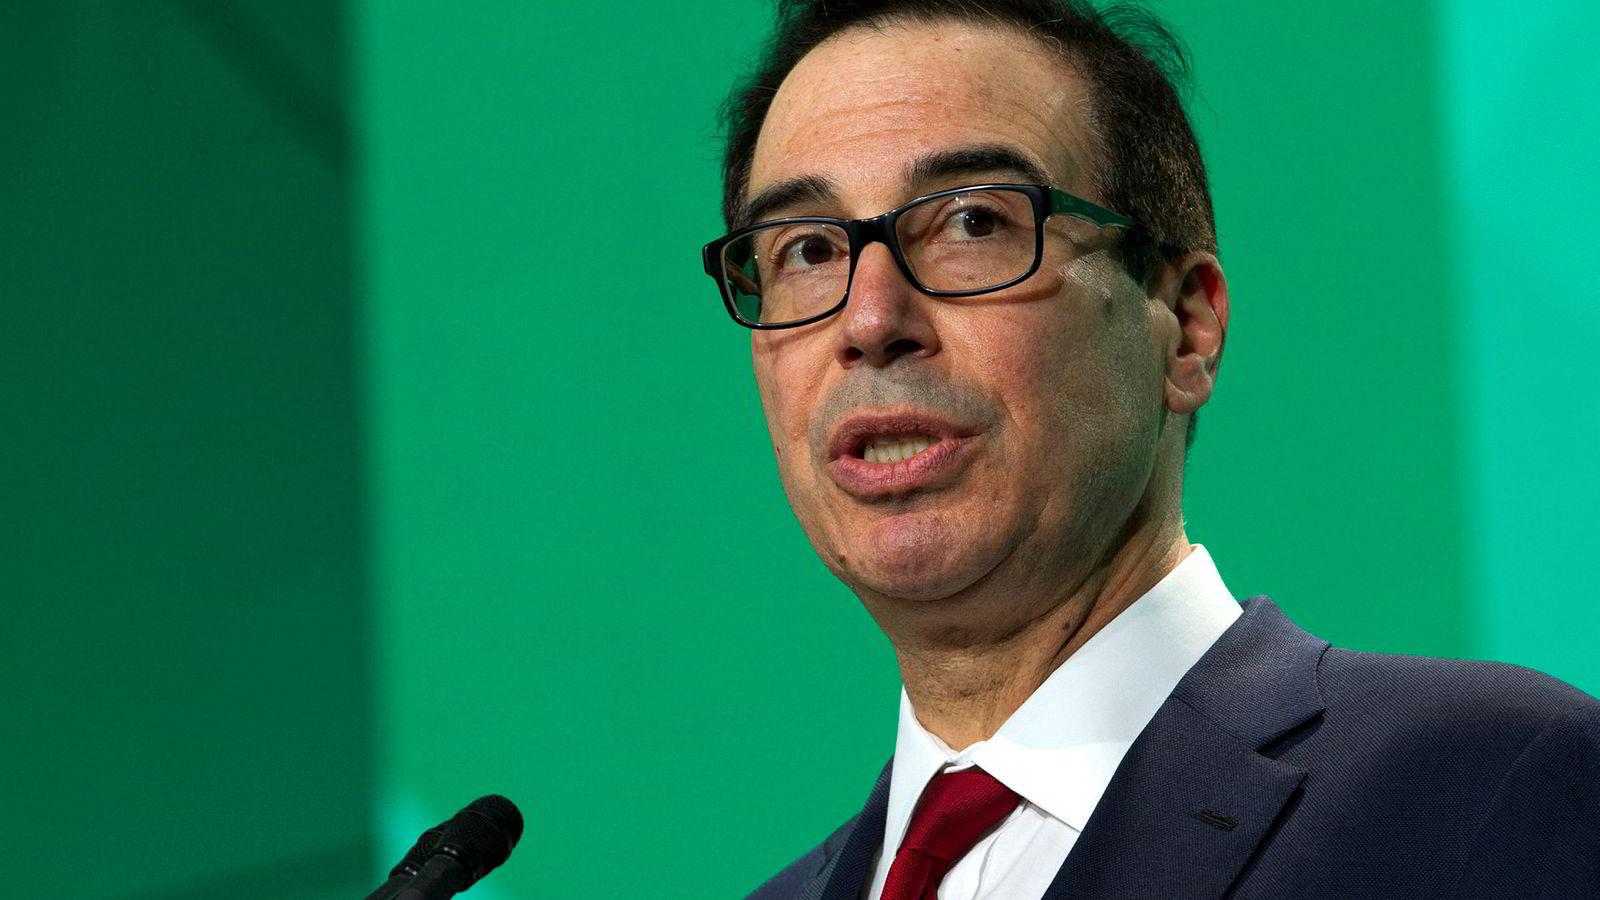 Presidentens selvangivelser vil ikke bli frigitt, ifølge USAs finansminister Steven Mnuchin.